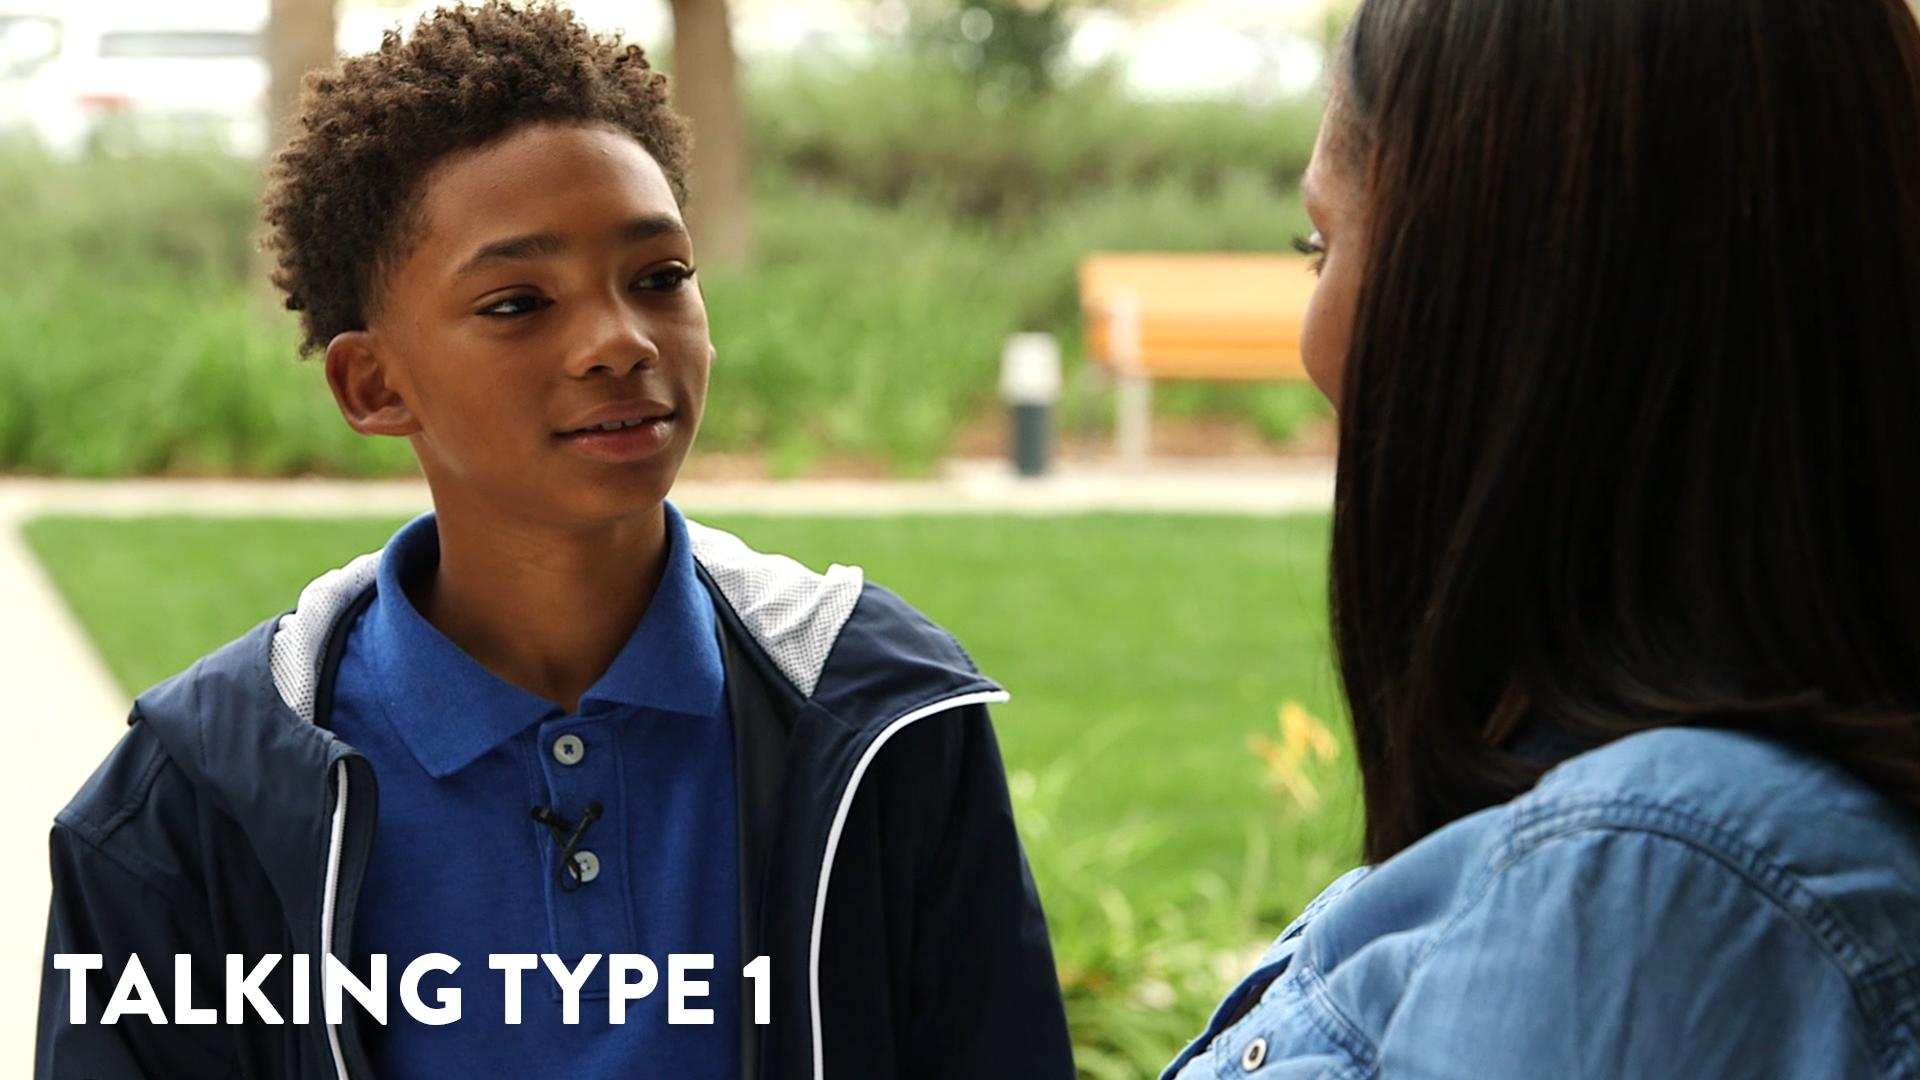 Talking Type 1